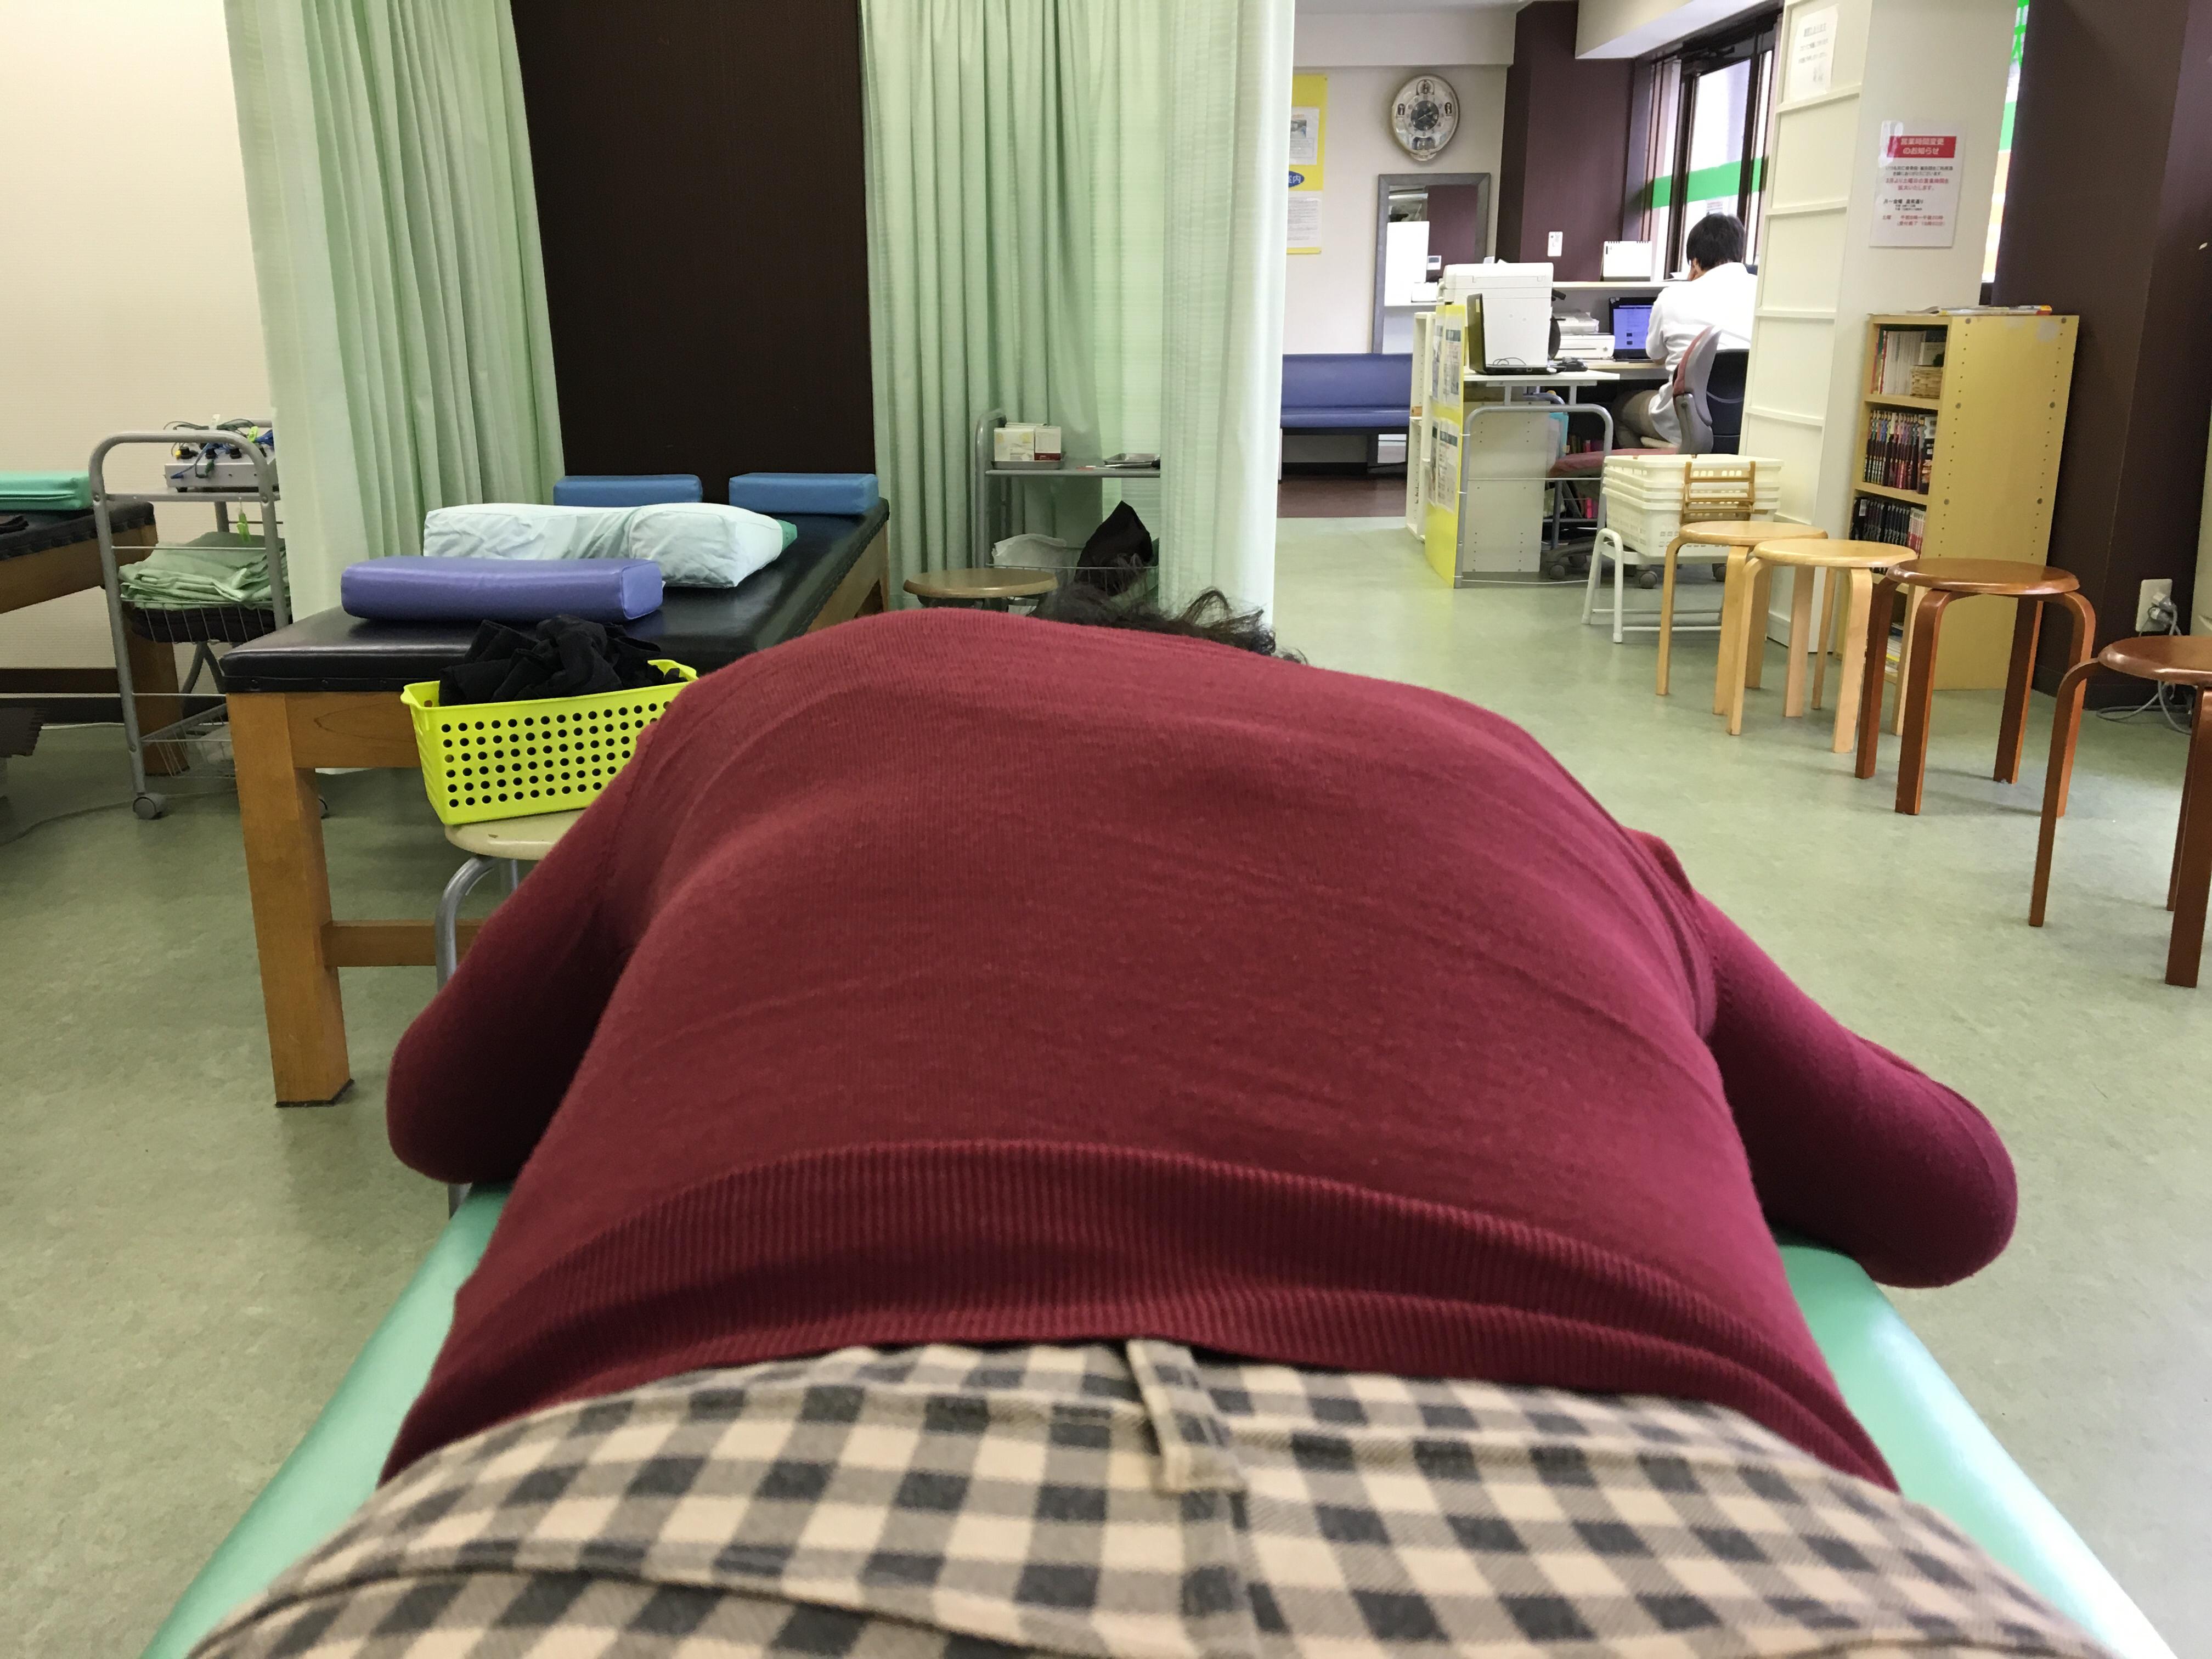 腰痛と膝痛のある女性の姿勢変化:名古屋市東区相生町・天仁接骨院の関節調整(骨盤矯正)の施術例